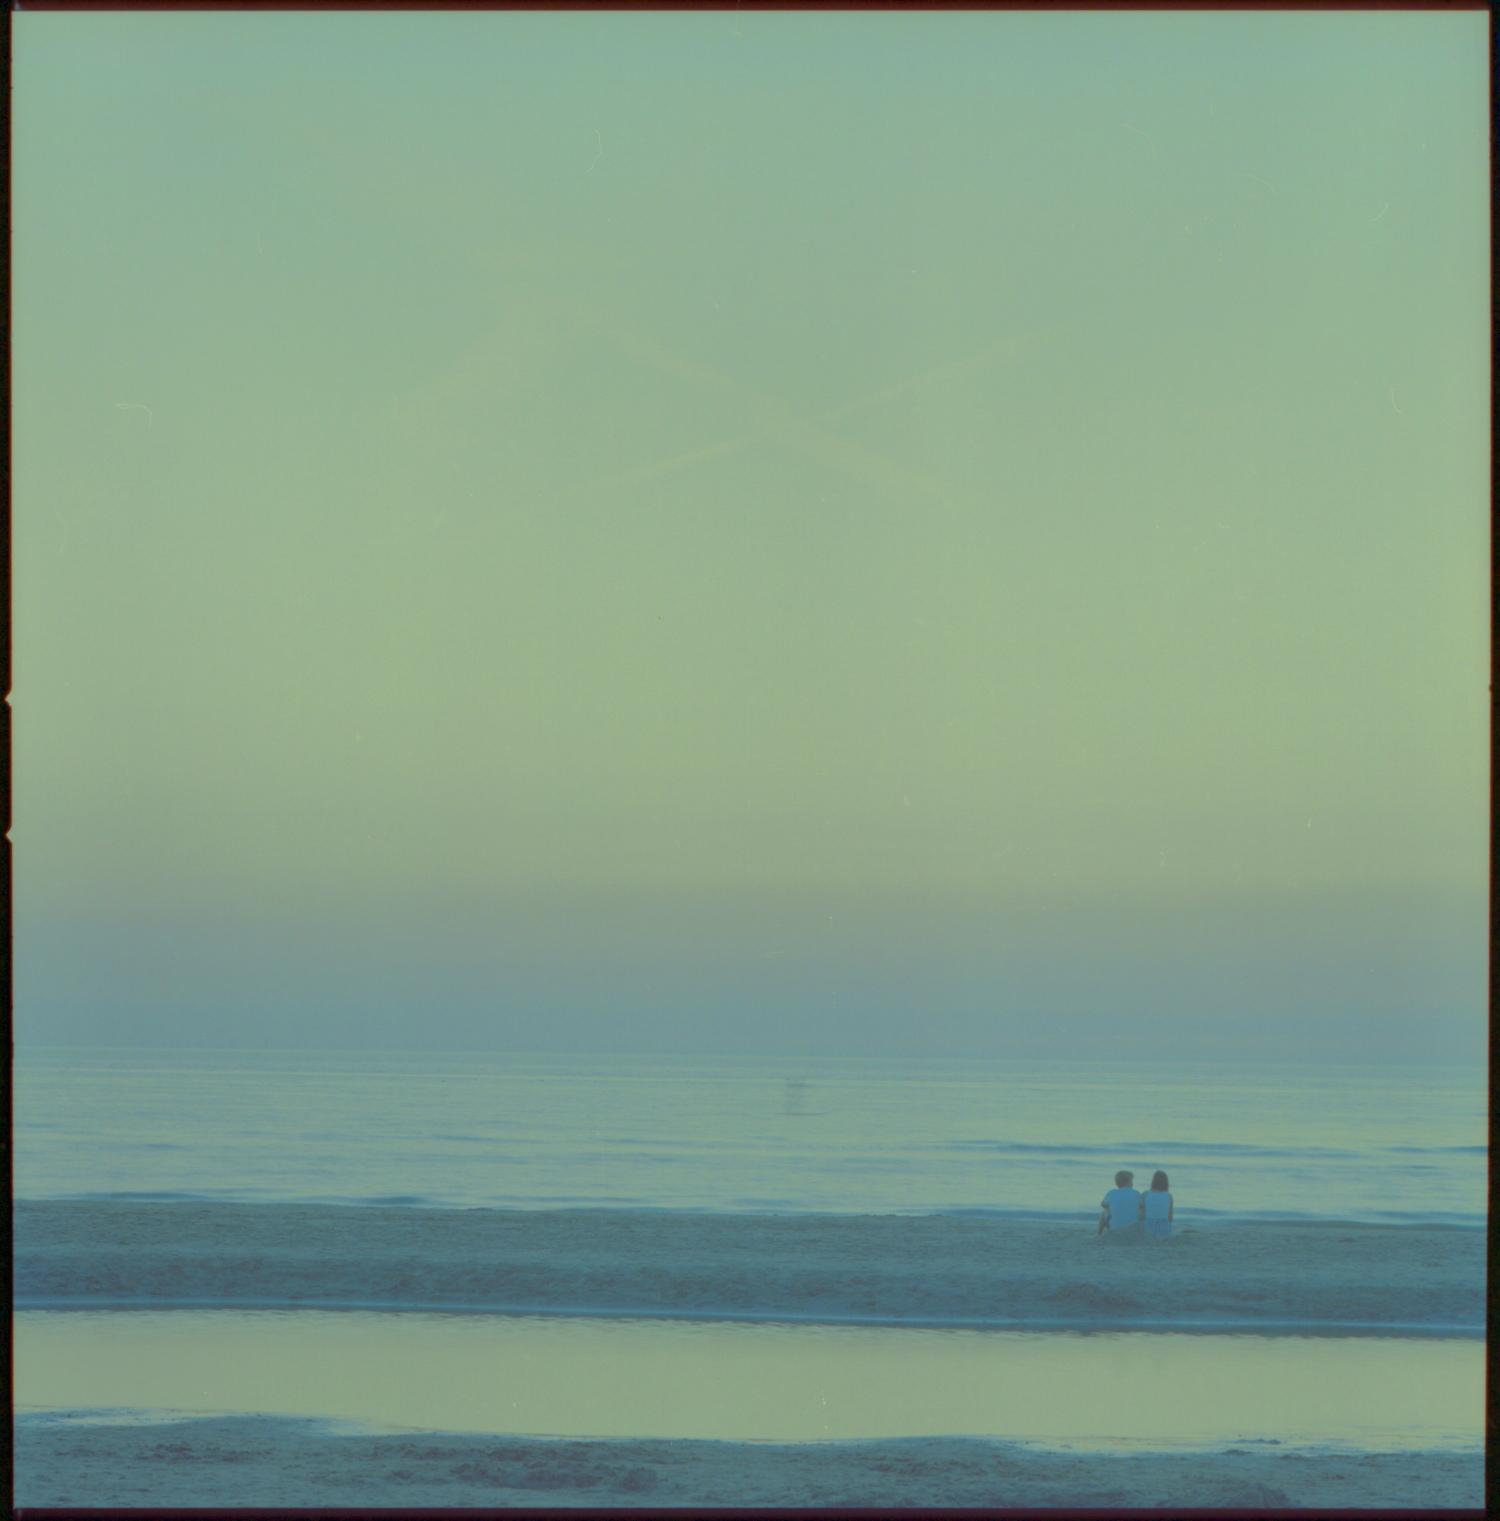 Zandvoort aan Zee Beach after sunset